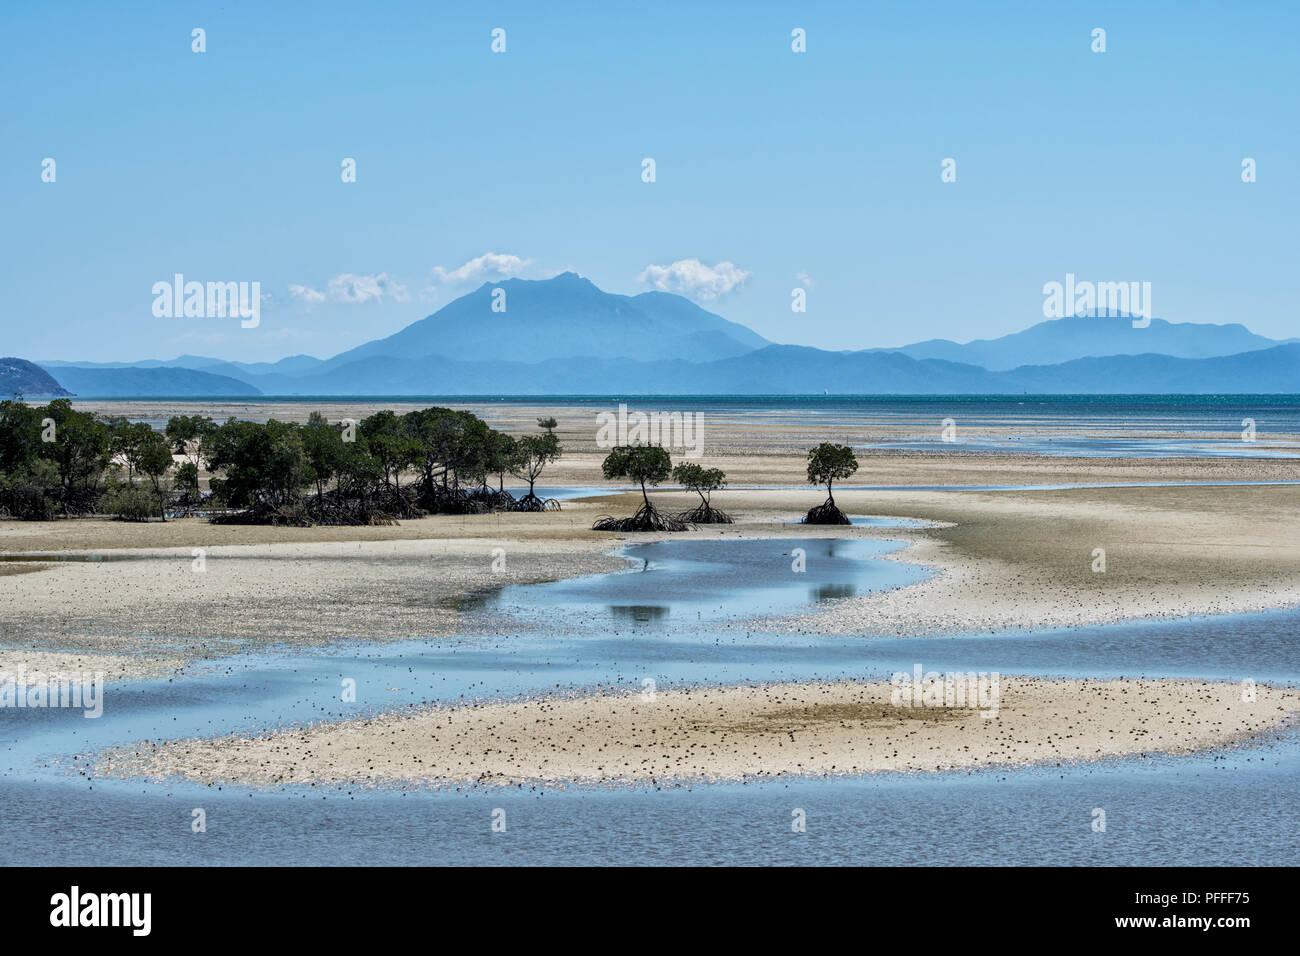 Vue panoramique de Yule Point près de Port Douglas, l'extrême nord du Queensland, Australie, Queensland, FNQ Banque D'Images